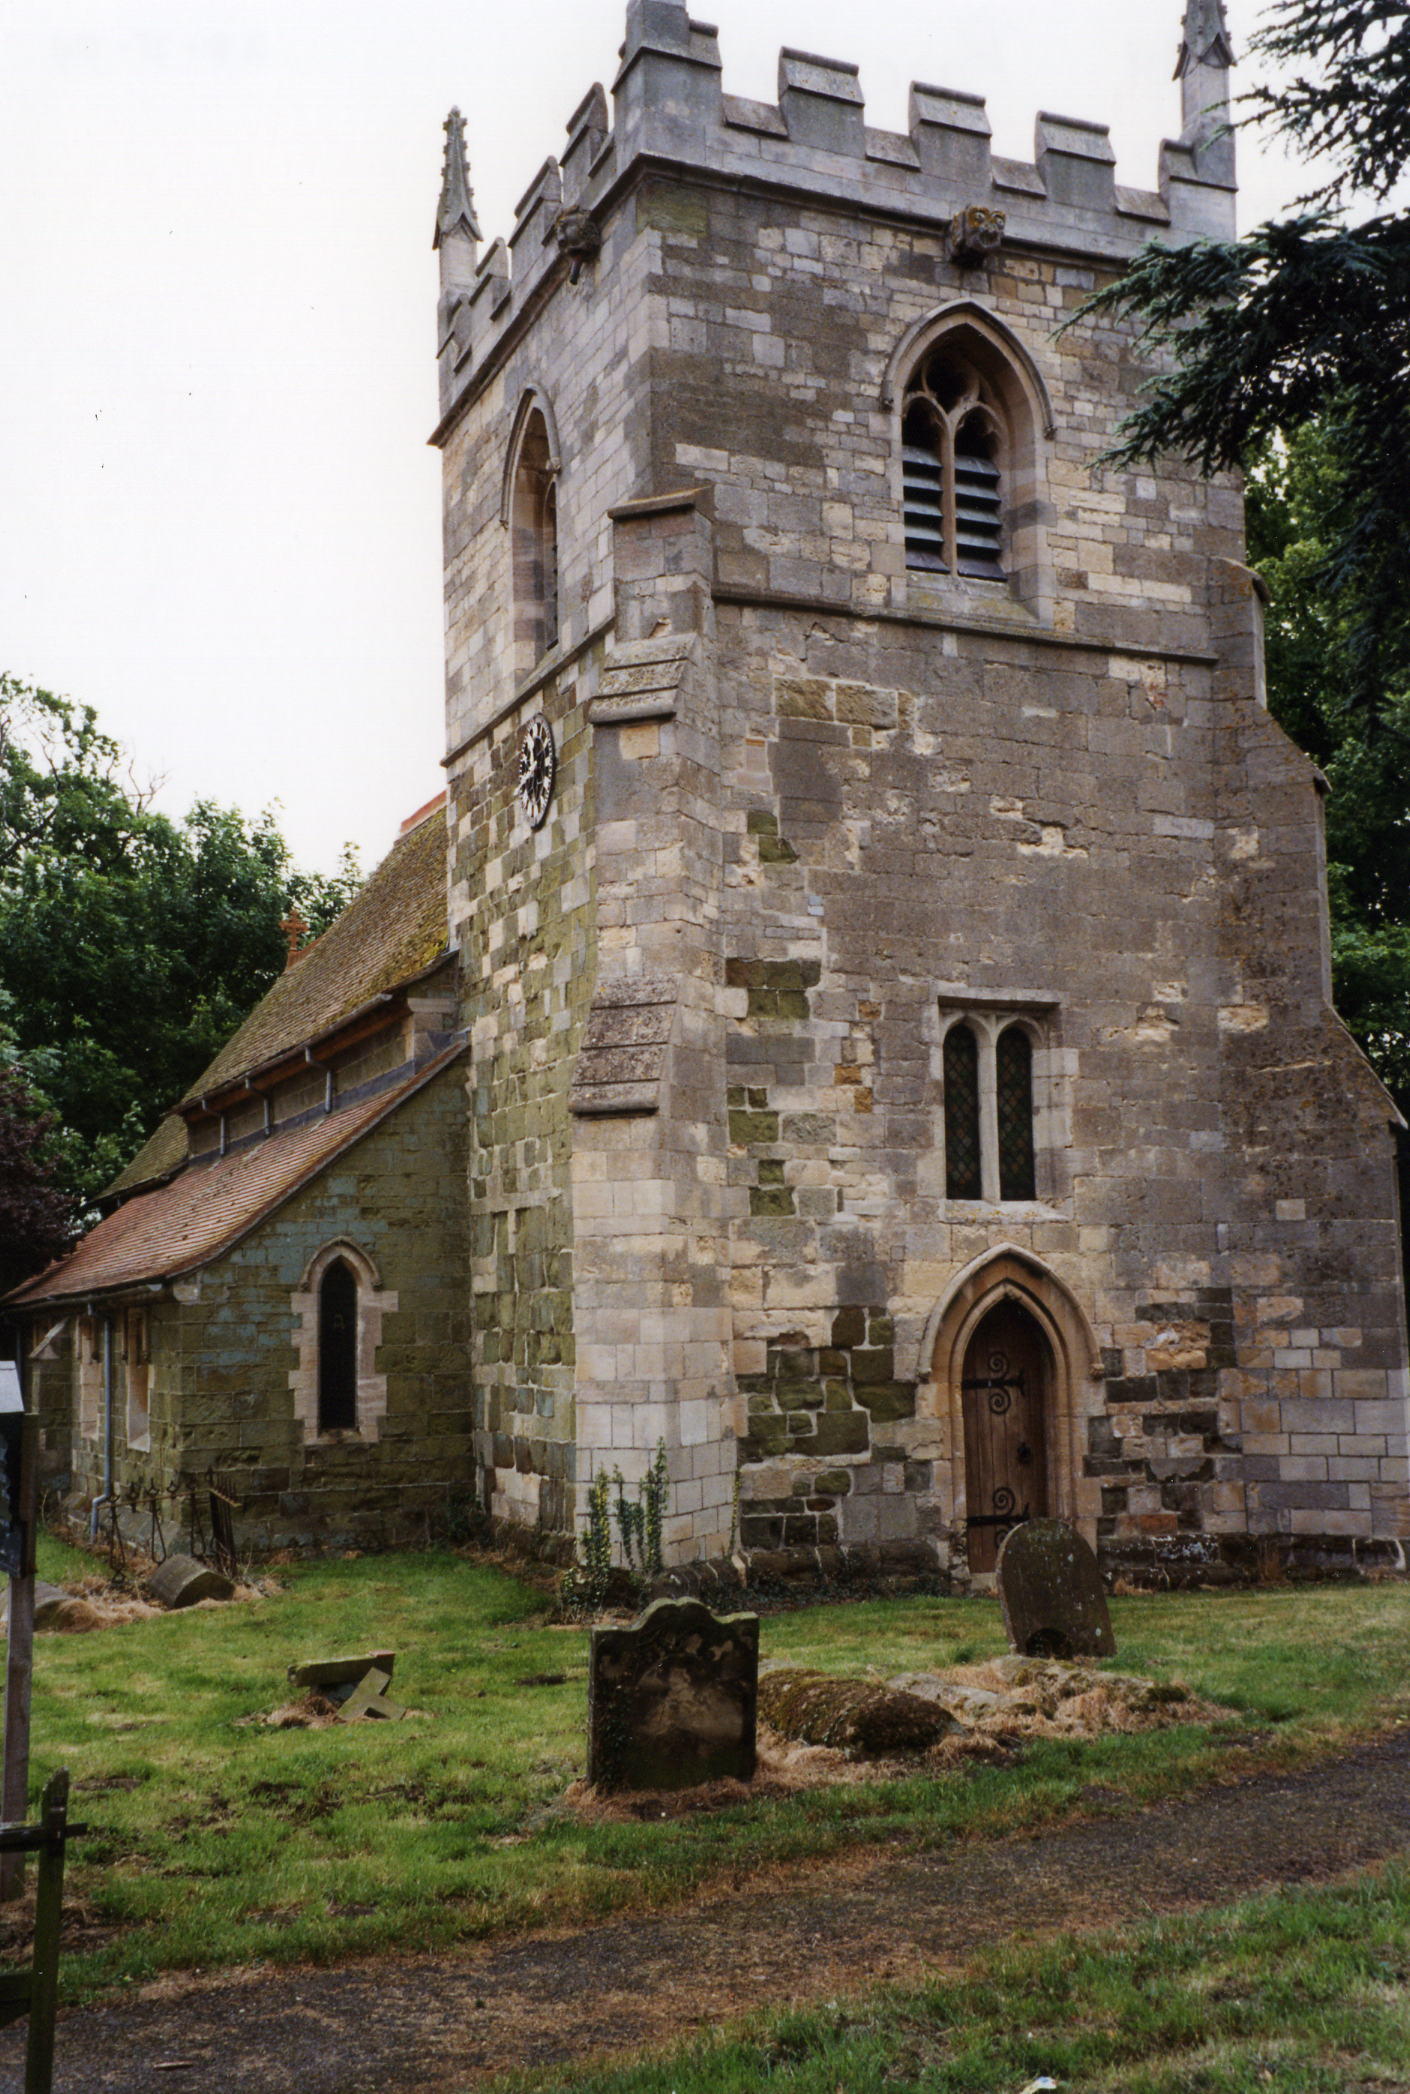 Bucknall St. Margaret parish church